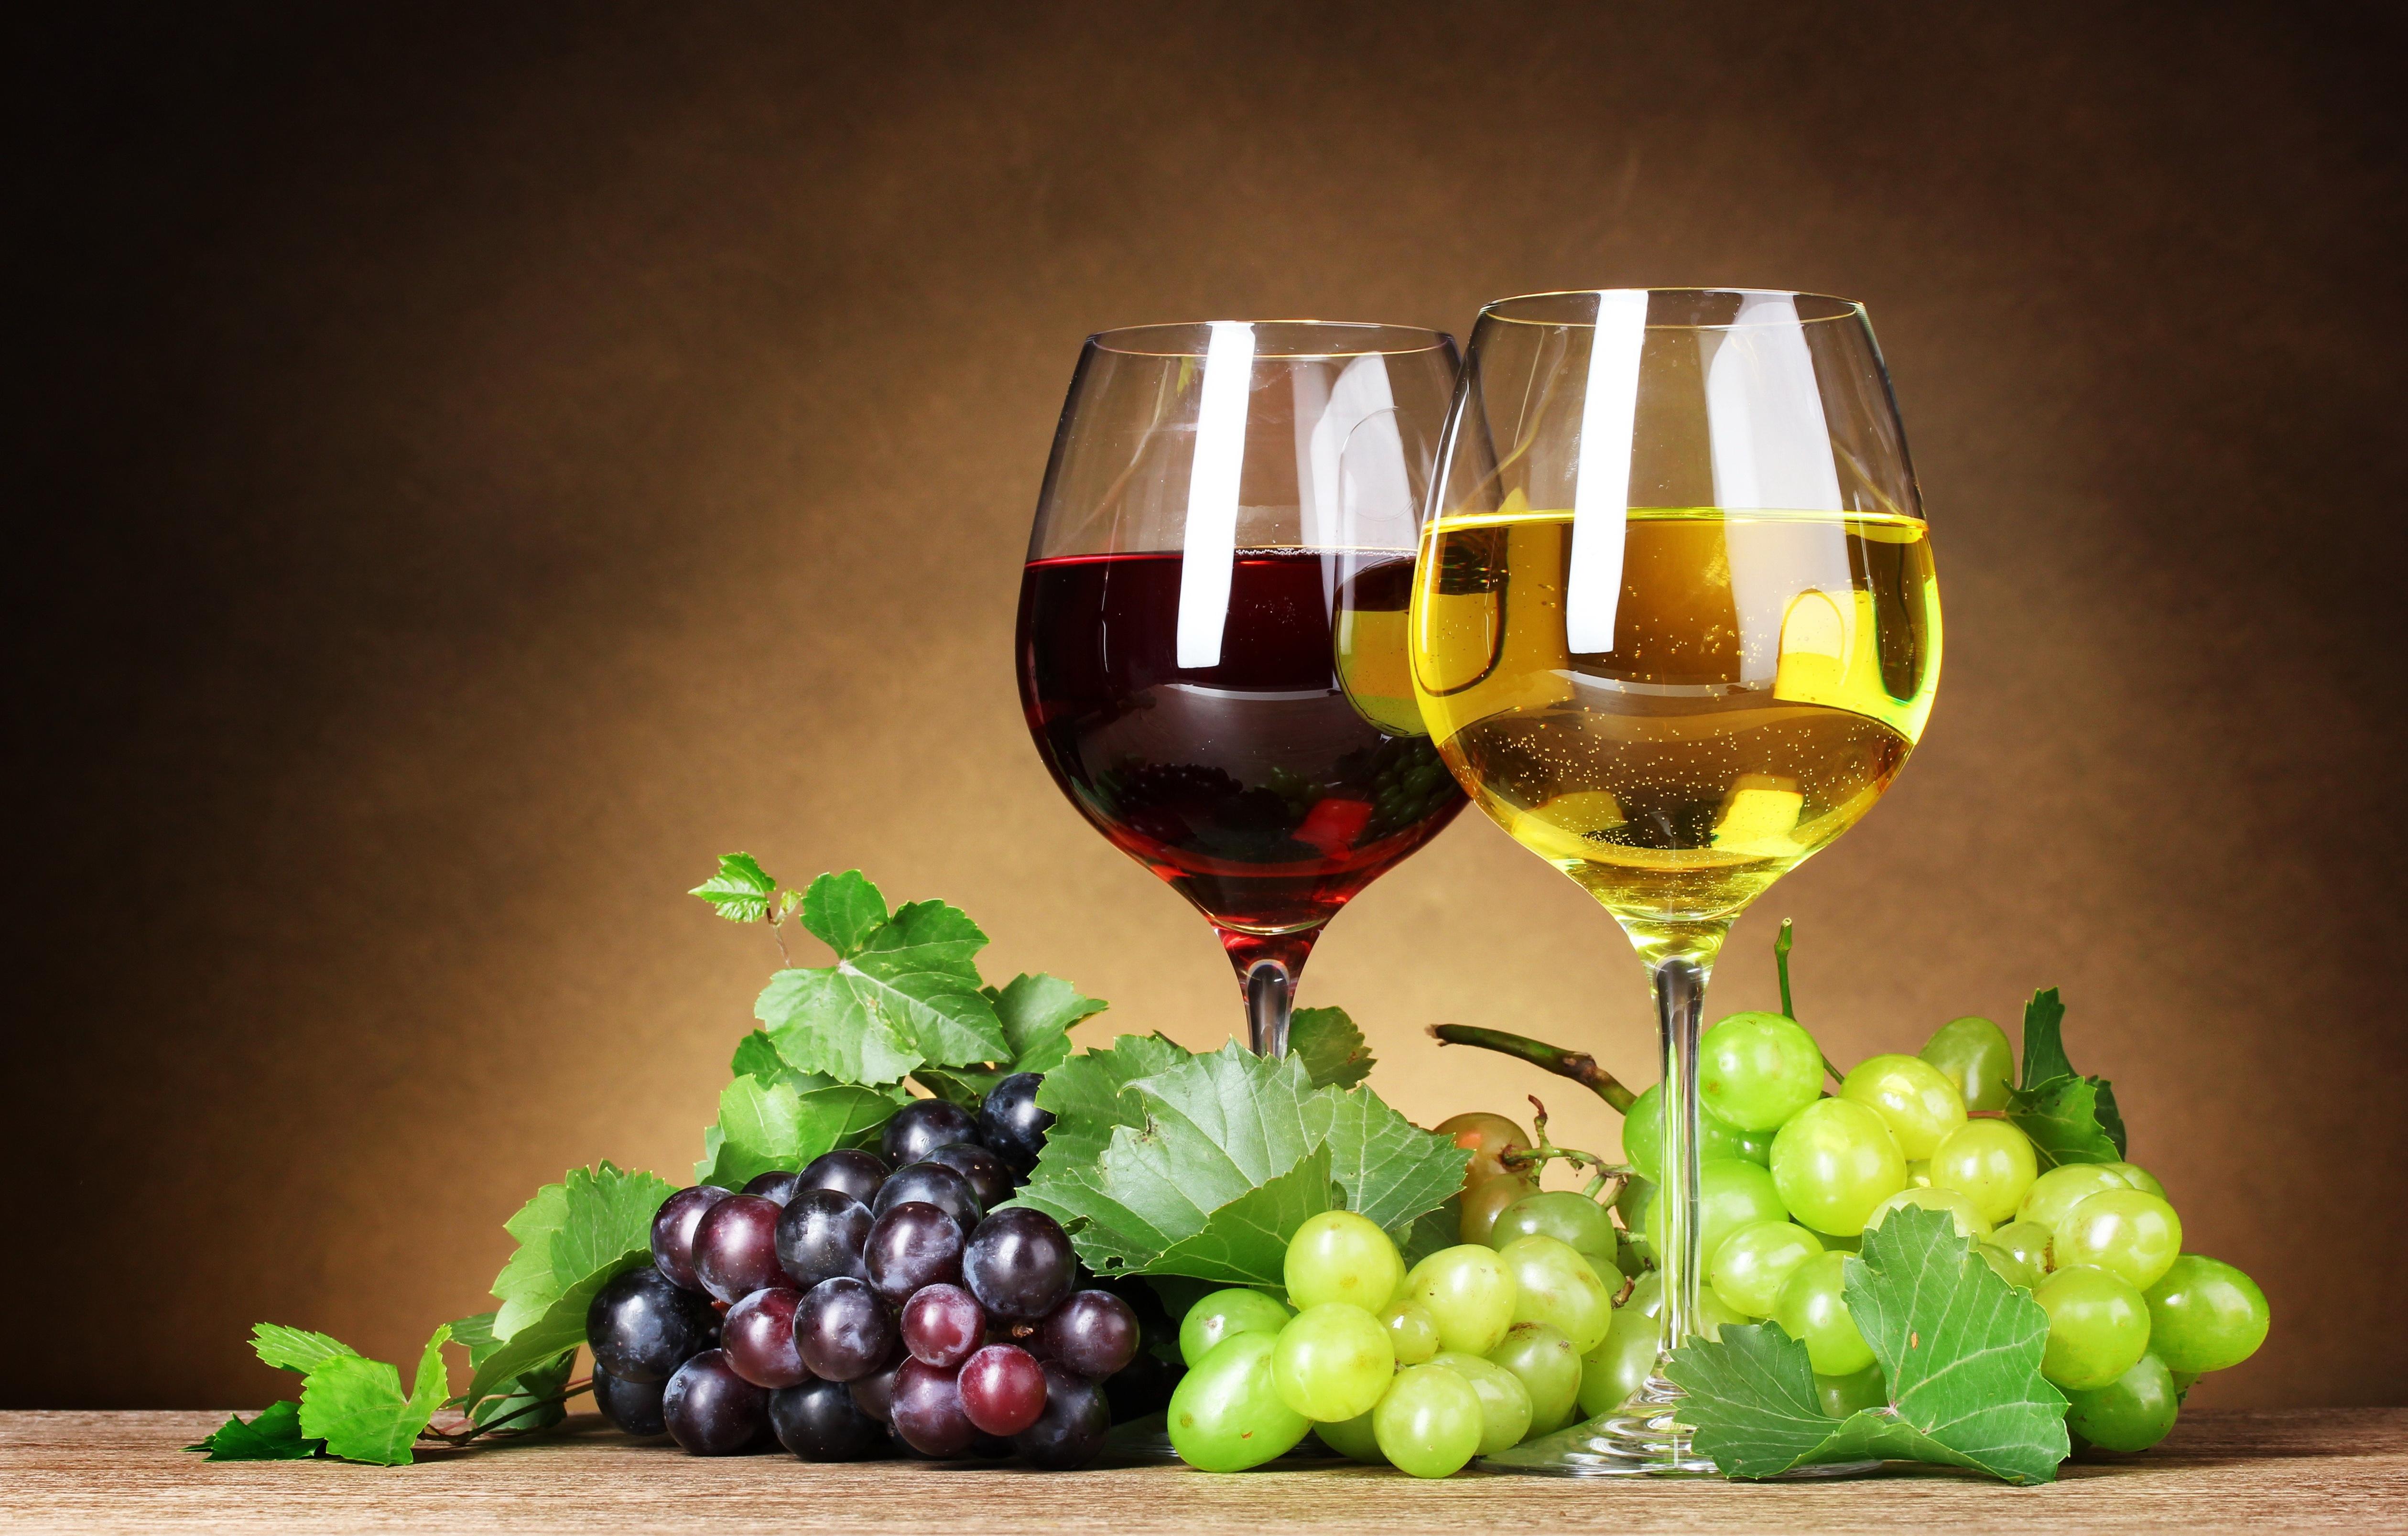 O friozinho pede vinho!